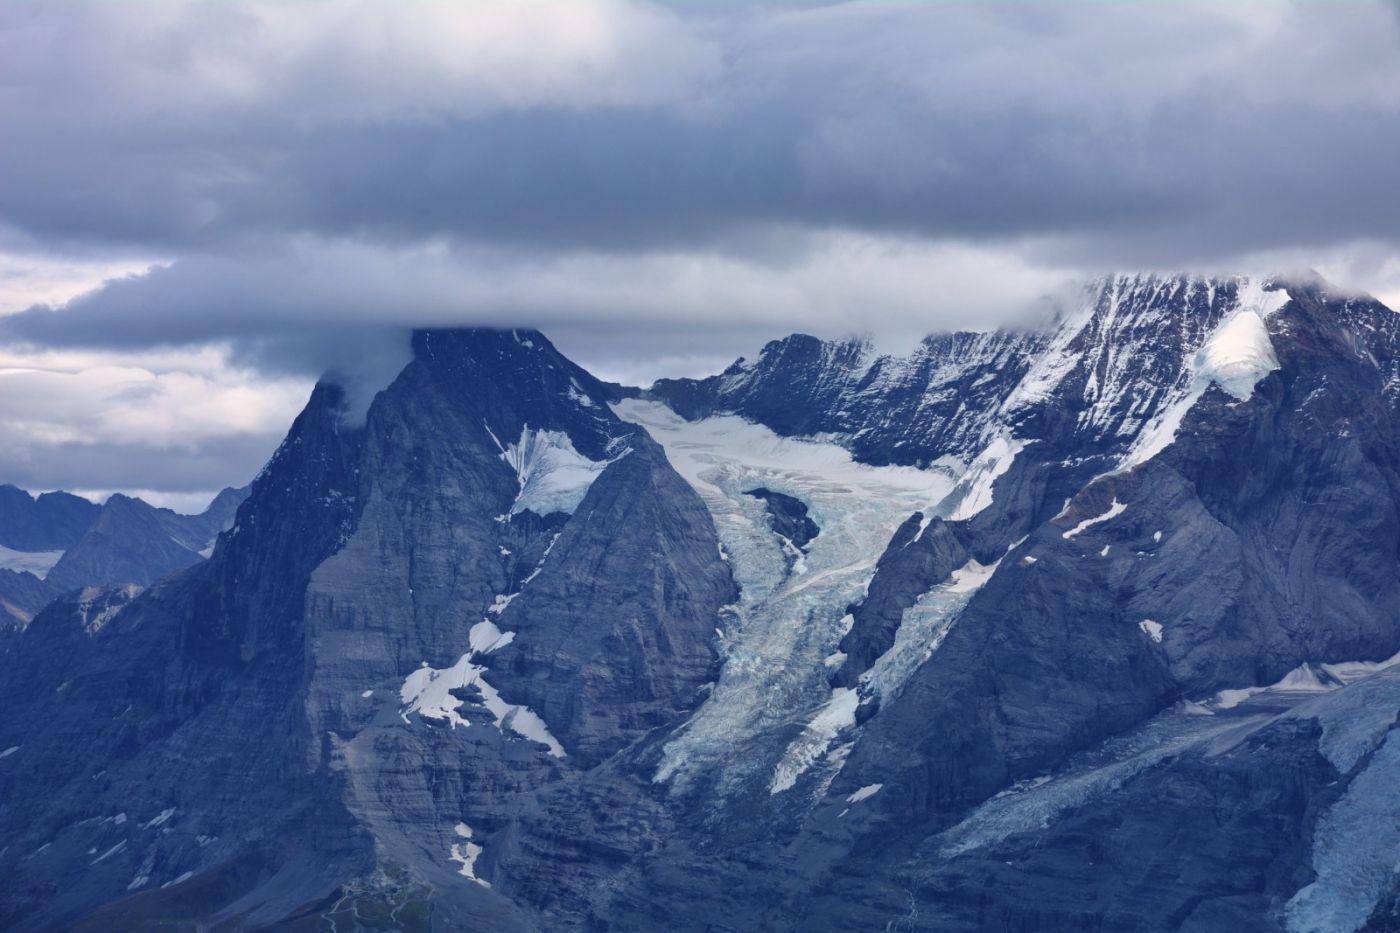 登上阿尔卑斯山遥望少女、勃朗峰_图1-9